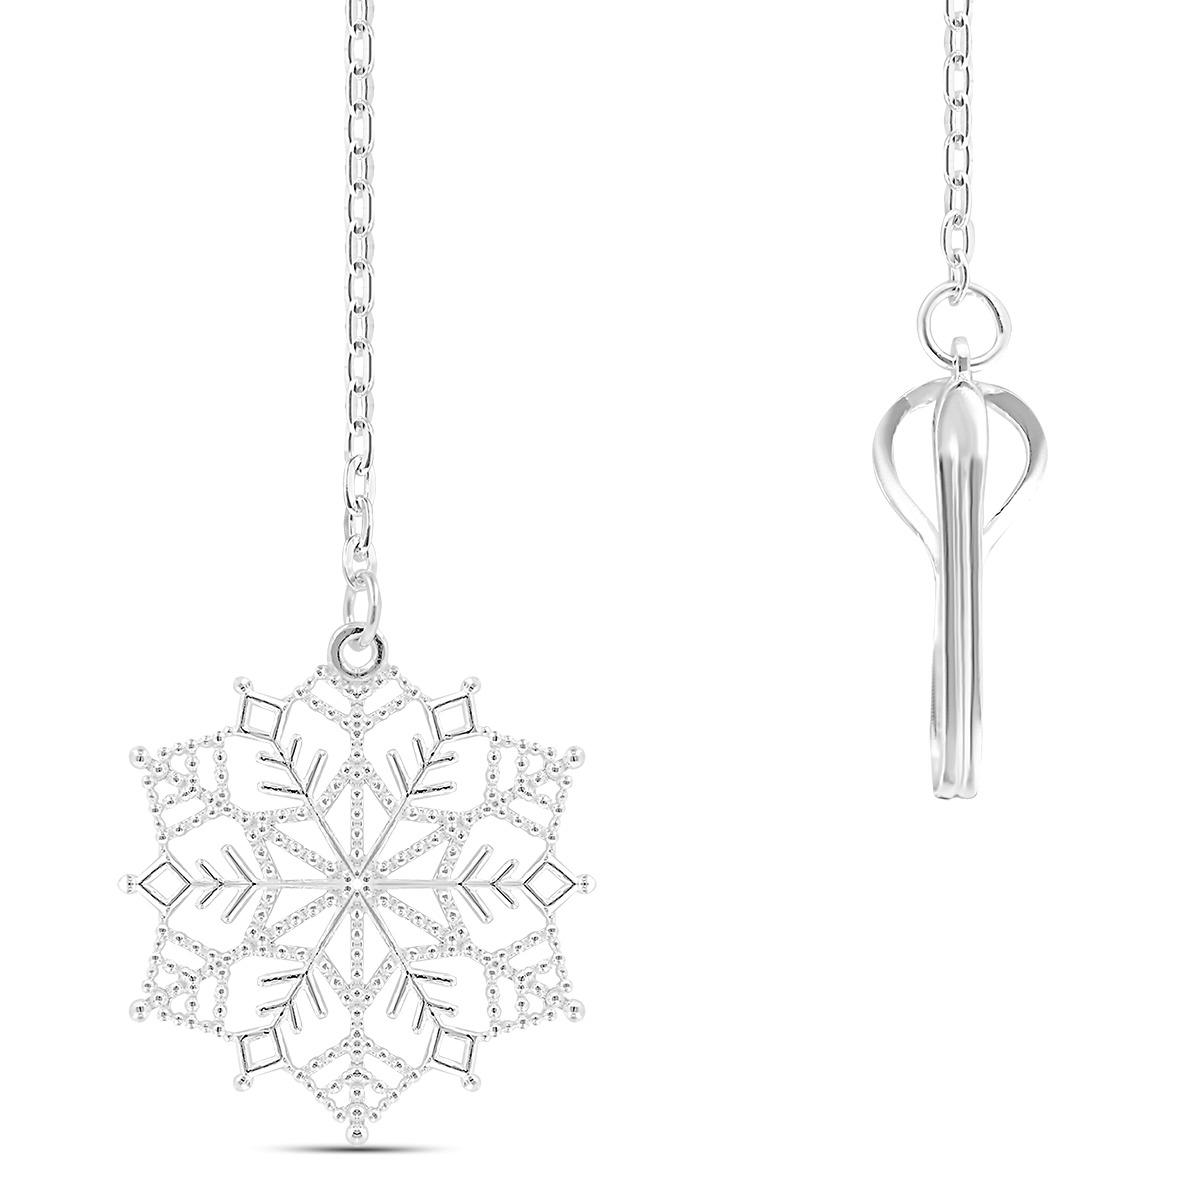 Сувенир ювелирный Серебро России из серебра (6518)